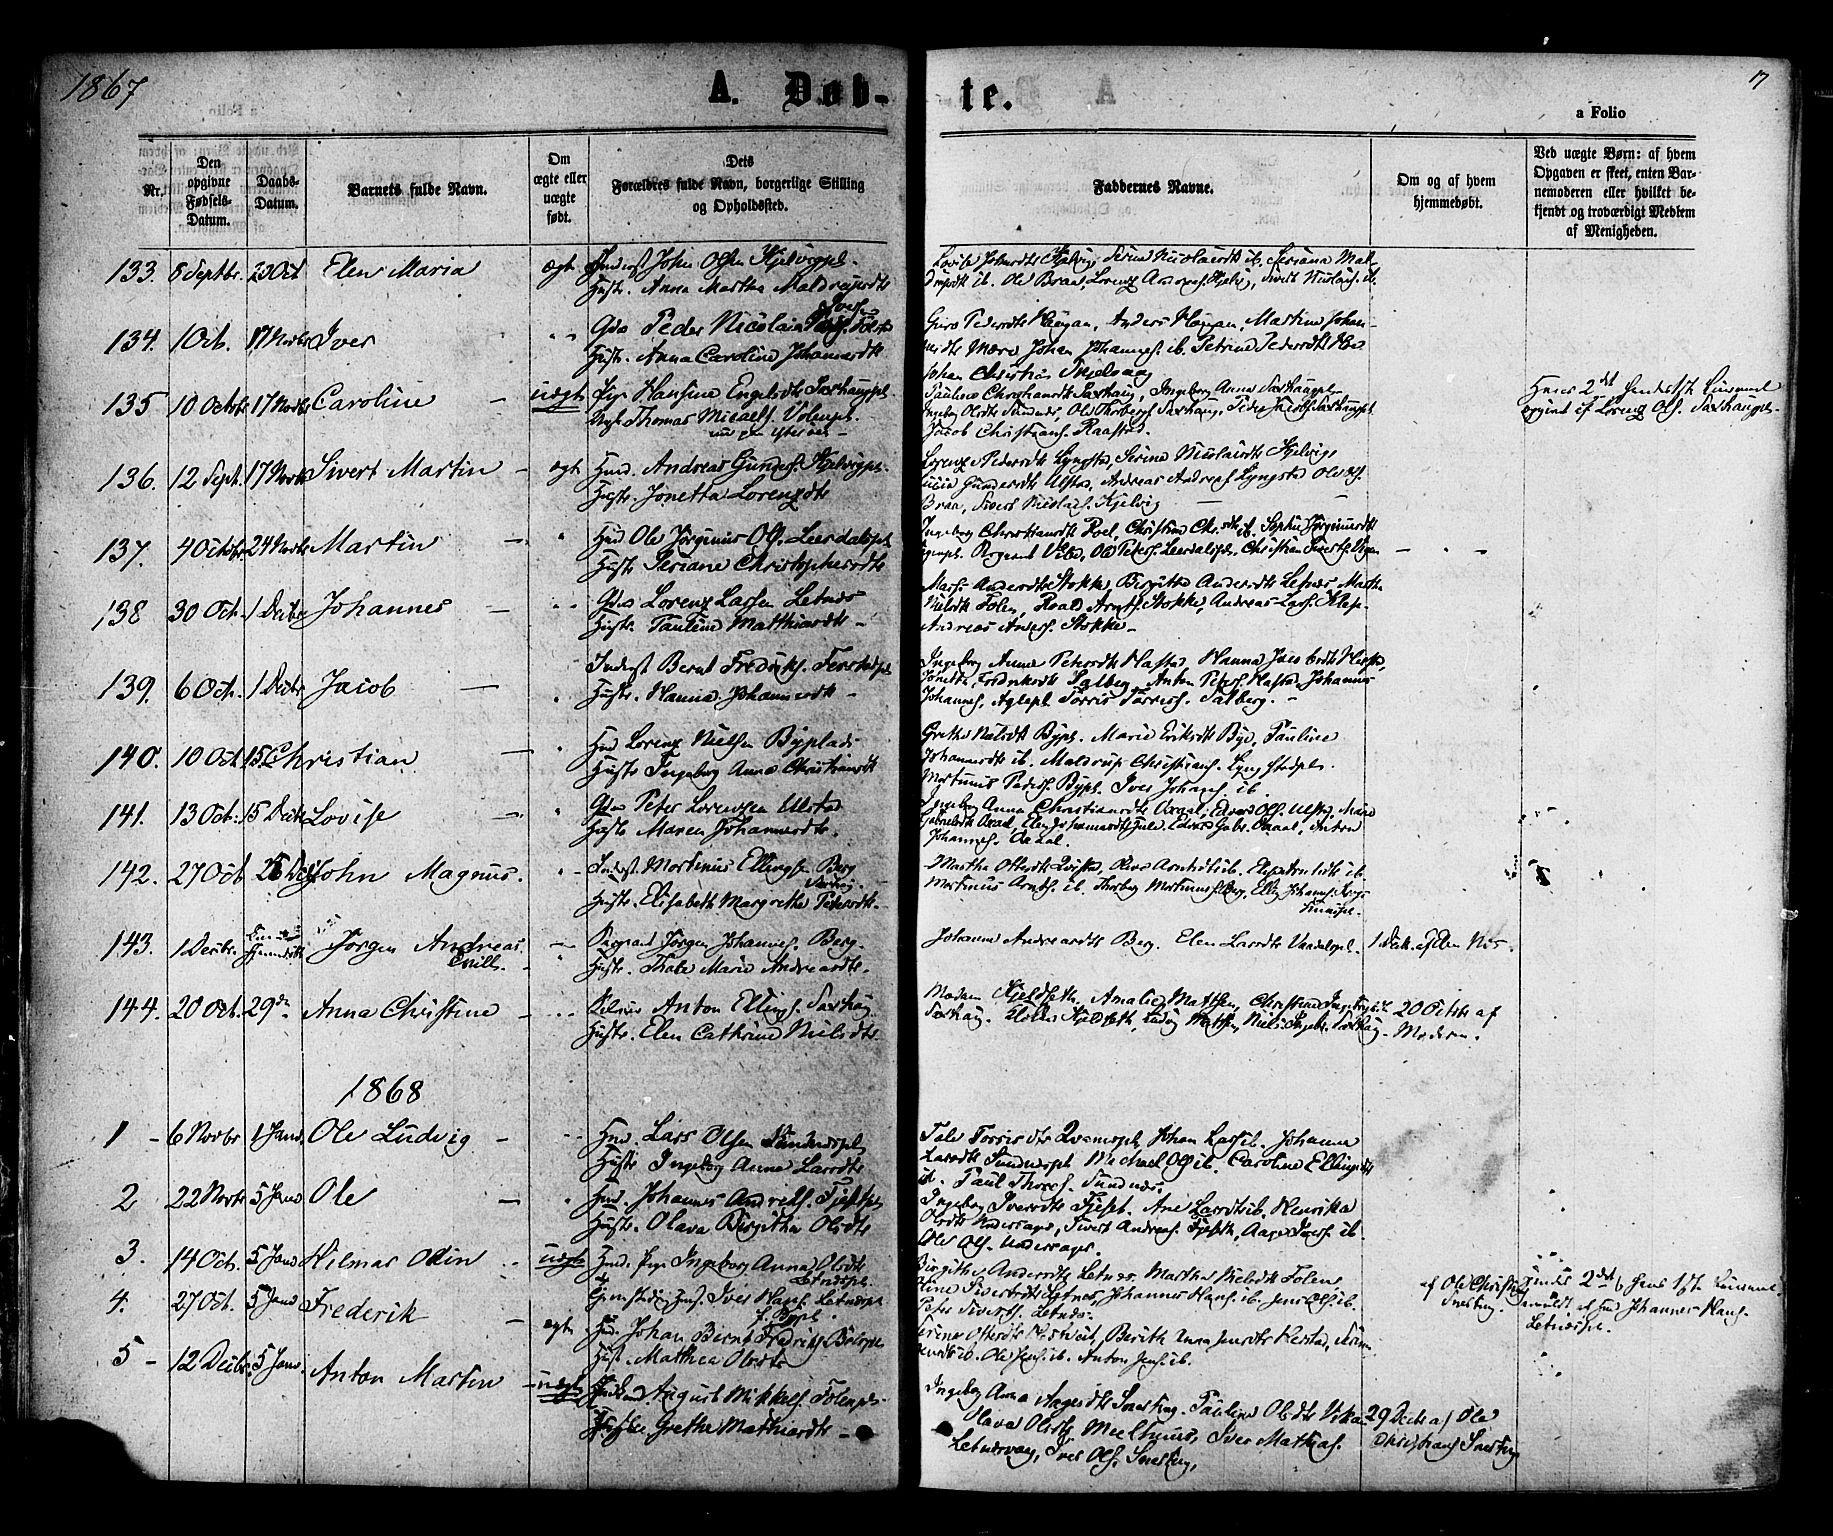 SAT, Ministerialprotokoller, klokkerbøker og fødselsregistre - Nord-Trøndelag, 730/L0284: Ministerialbok nr. 730A09, 1866-1878, s. 17